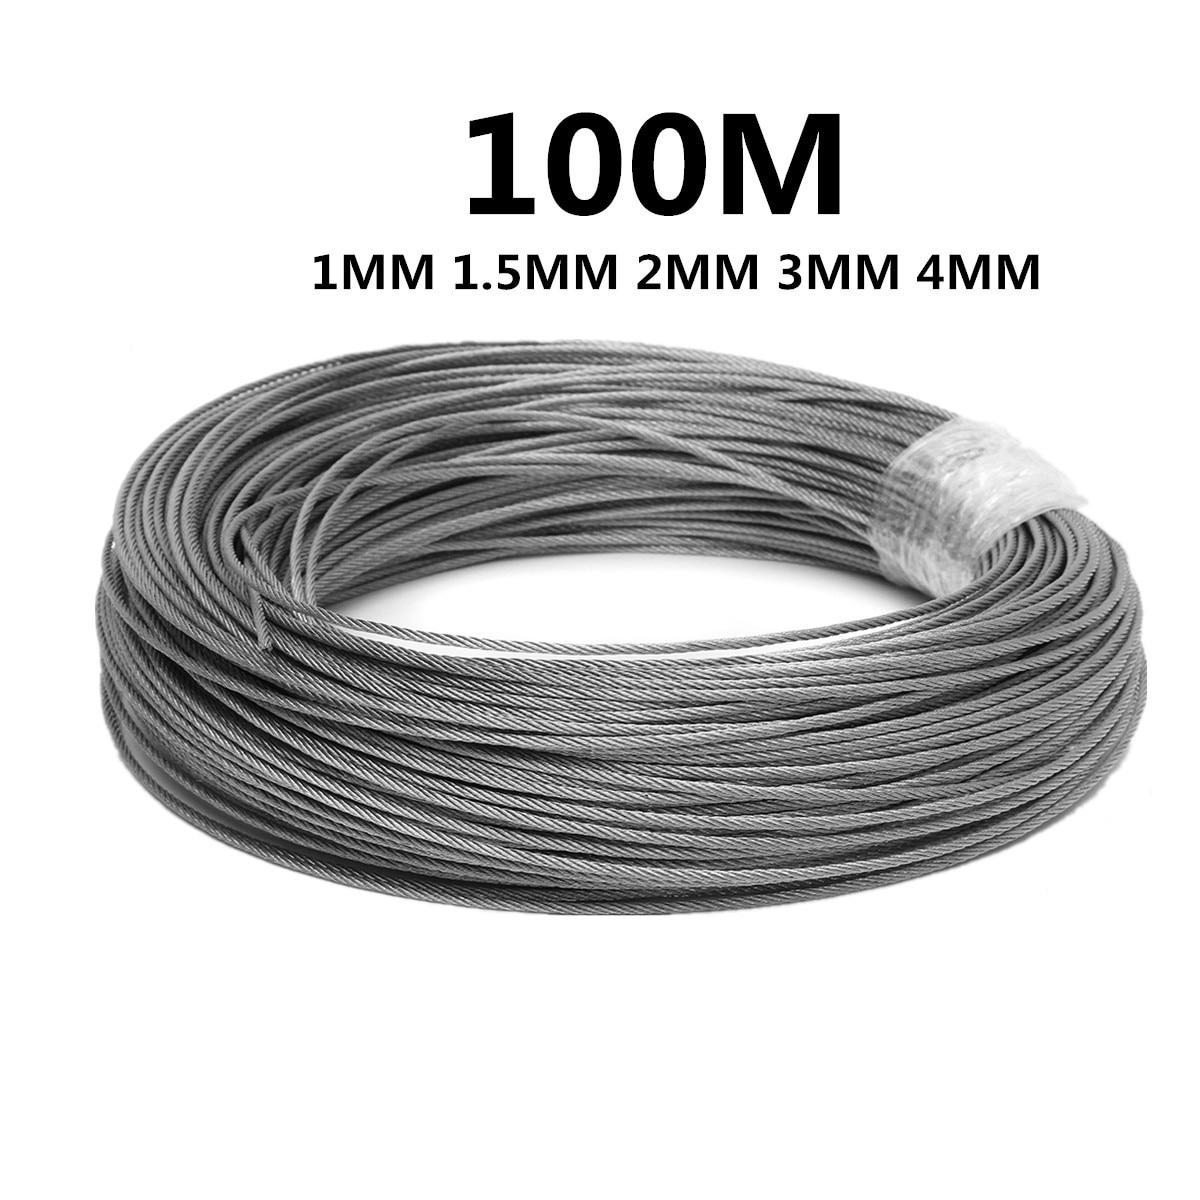 100 متر 50M304 الفولاذ المقاوم للصدأ 1 مللي متر 1.5 مللي متر 2 مللي متر قطر أسلاك الفولاذ عارية حبل رفع كابل خط الغسيل Rustproof 7X7